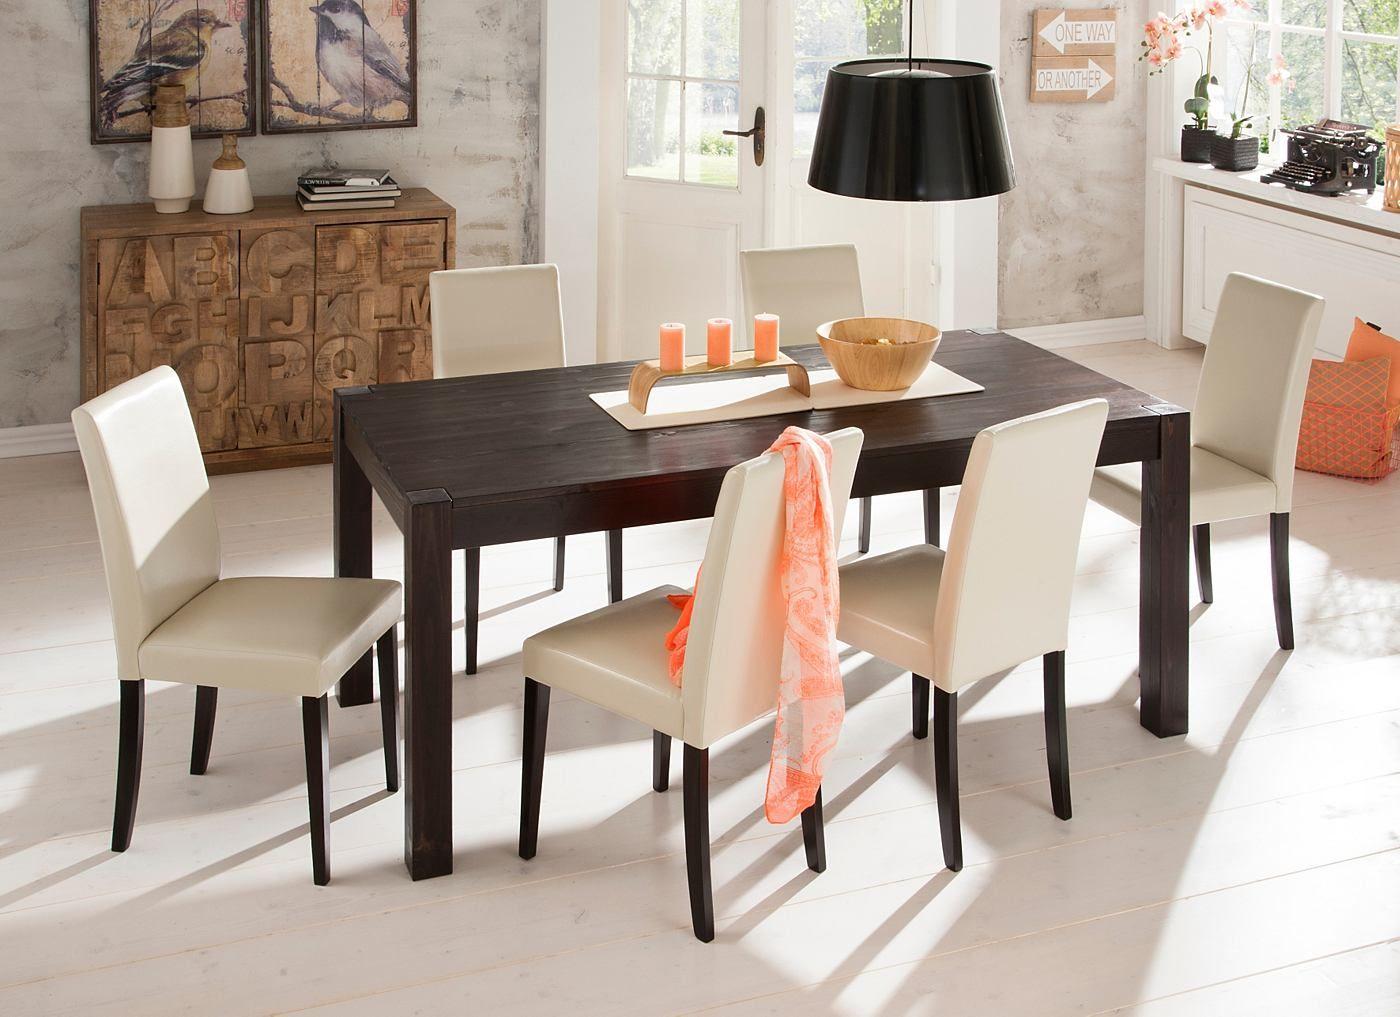 Die Essgruppe im klassischen Landhaus-Design beinhaltet einen Tisch, 180cm breit, und vier farblich passende Stühle. Alle Produkte dieses Sets sind aus FSC®-zertifizierter, massiver Kiefer gefertigt.   Details Tisch:  Maße (B/T/H): ca. 180/90/75 cm, 75 cm Tischhöhe, 2 cm starke Tischplatte, Höhe bis zur Tischzarge 62 cm, Alles ca.-Maße, Selbstmontage mit Aufbauanleitung, Aus FSC®-zertifizierter...